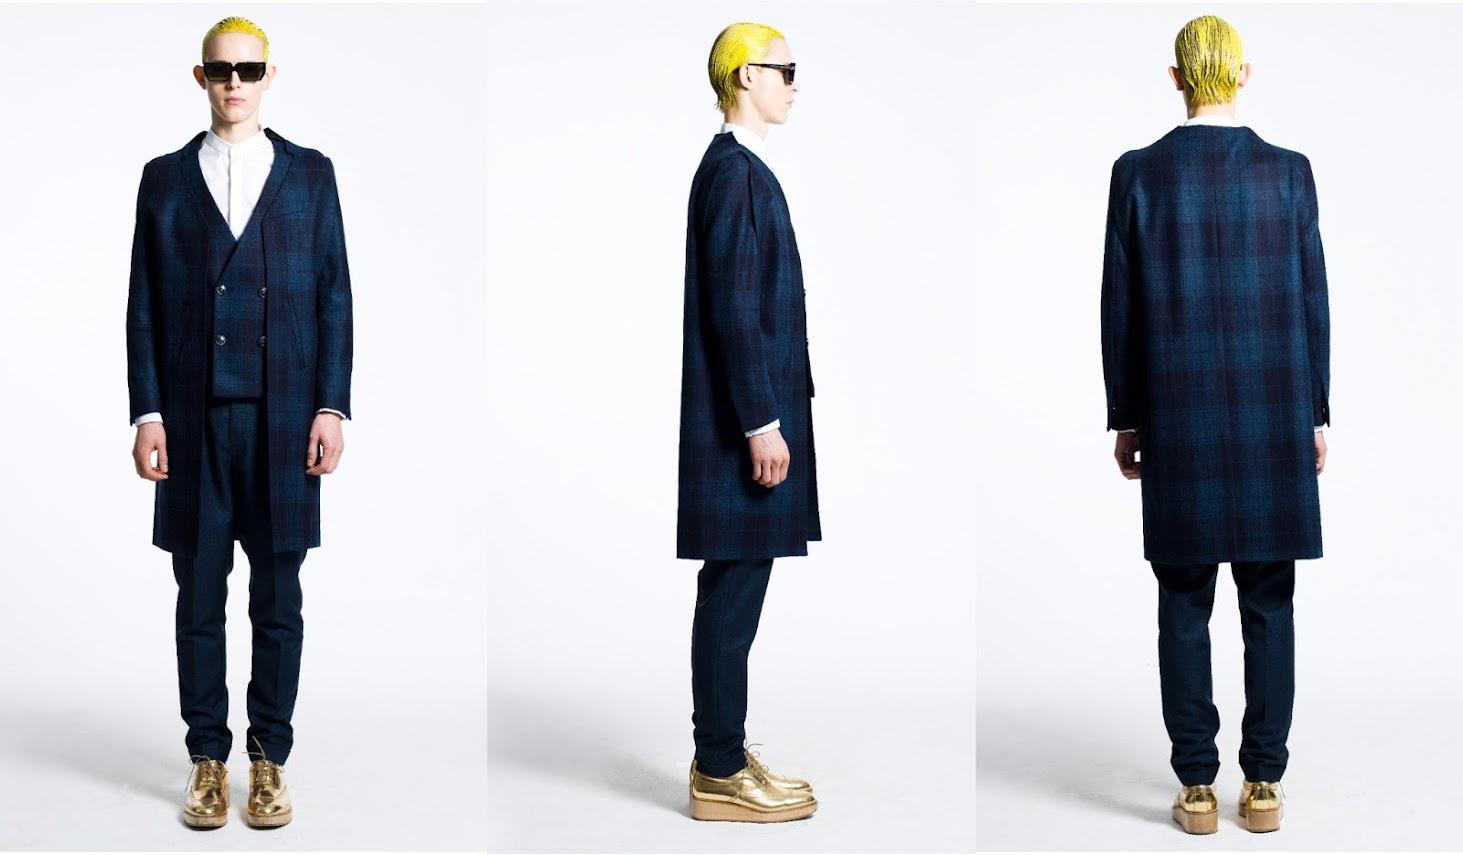 *華人設計新指標Six Lee的2013AW:將貴族古典剪裁活用於未來時裝! 2